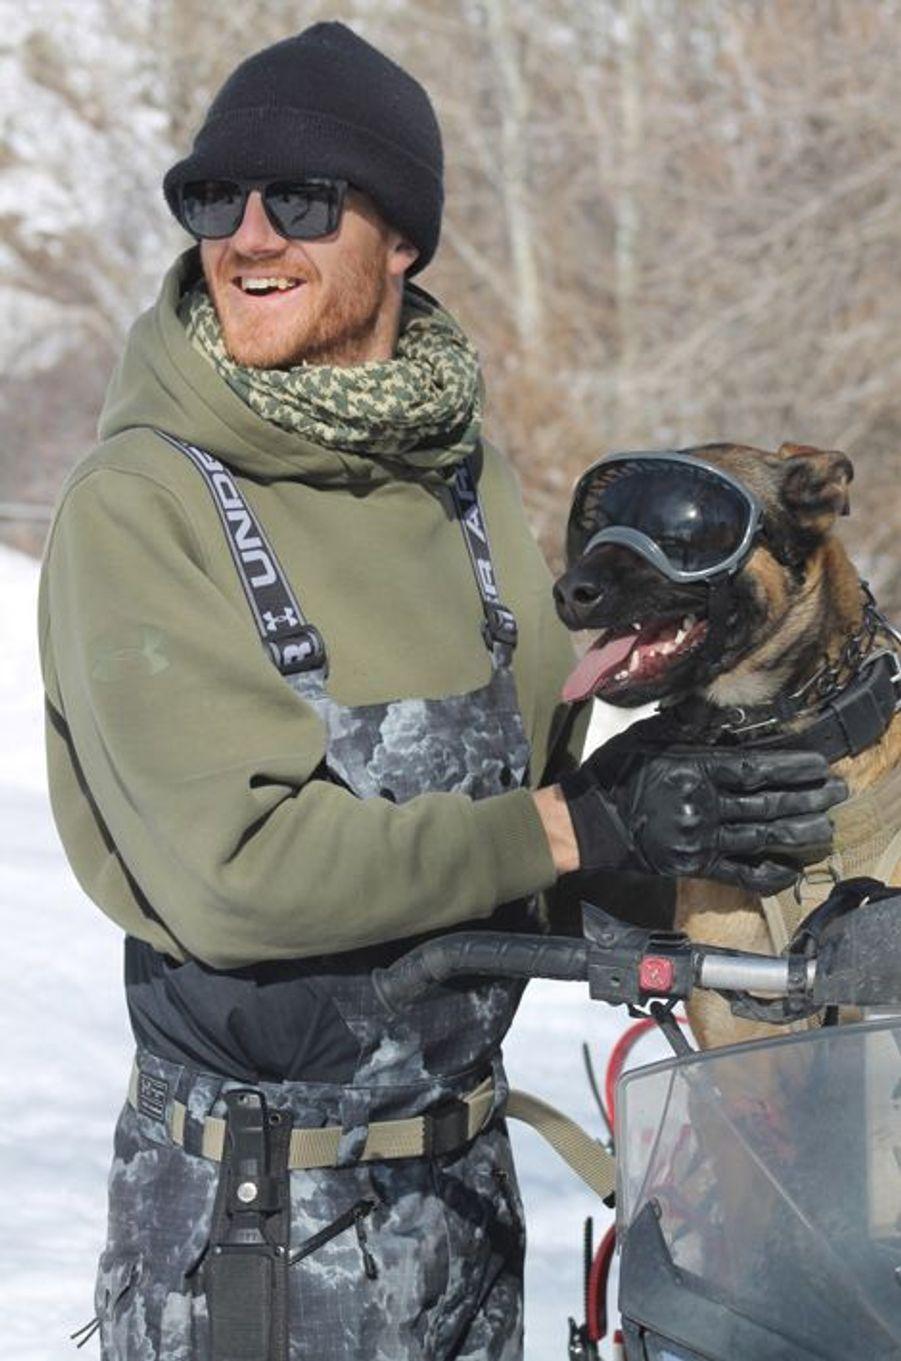 Des masques pour les chiens habitués à la neige